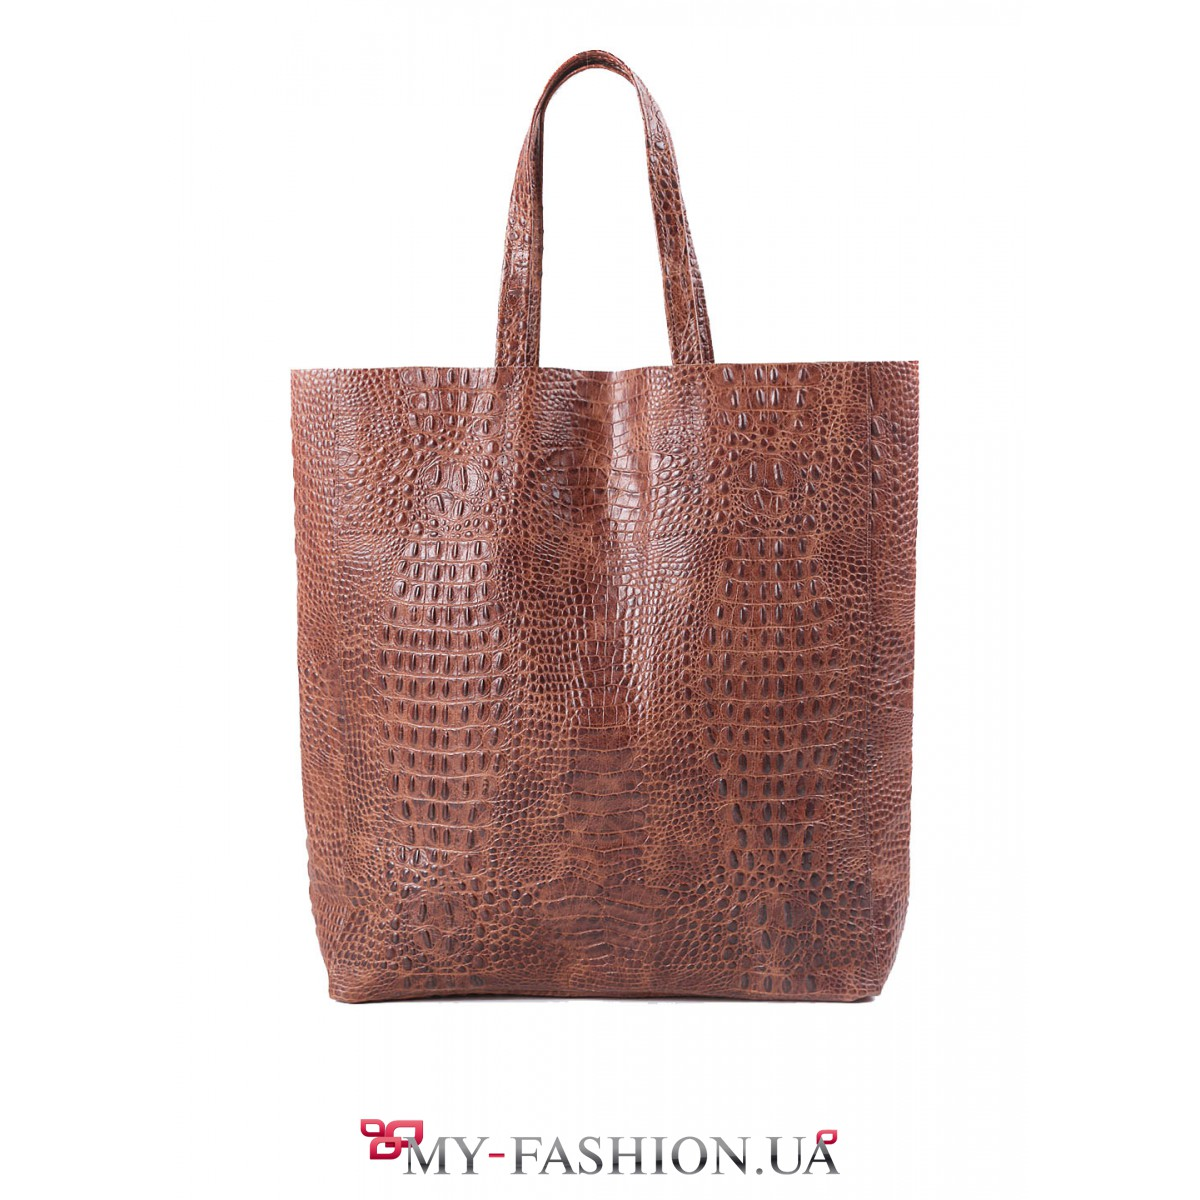 MixSymkaru - женские сумки купить в интернет